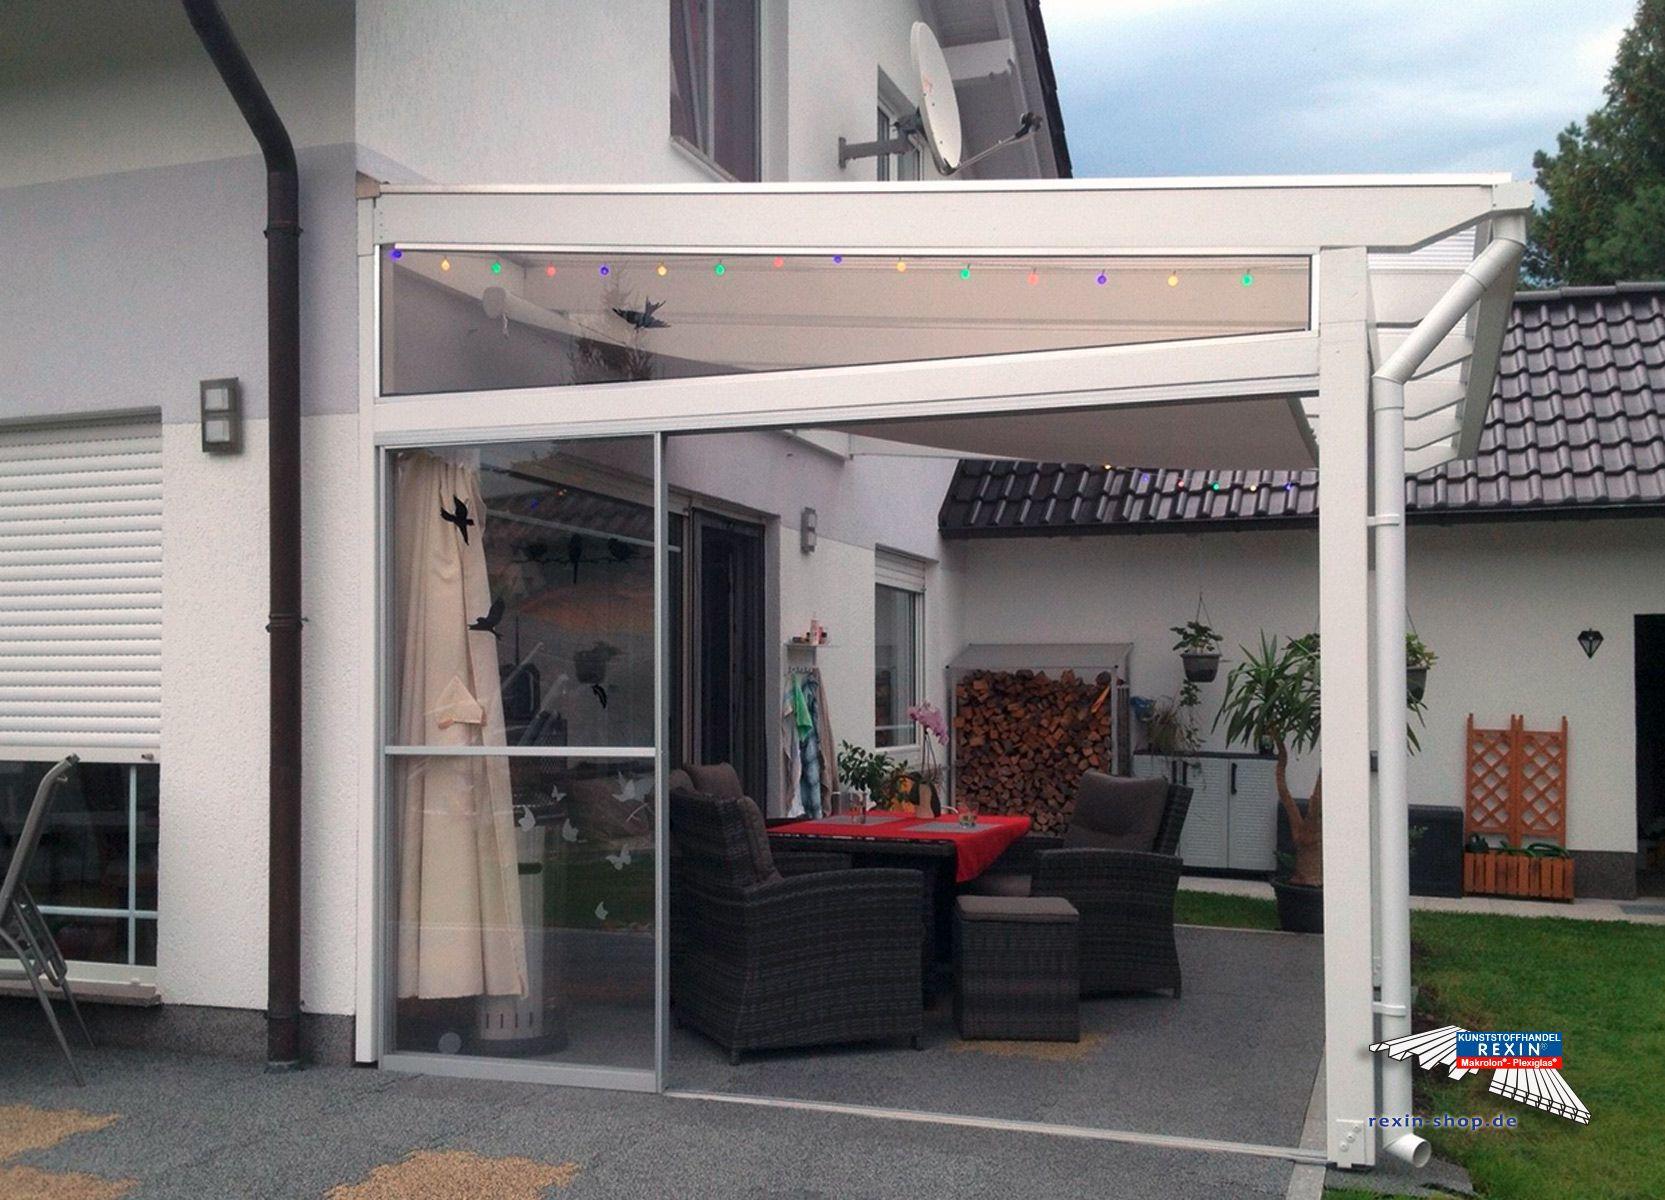 Wintergarten Plexiglas Schiebetüren ein holz terrassendach der marke rexocomplete 5m x 3 5m mit